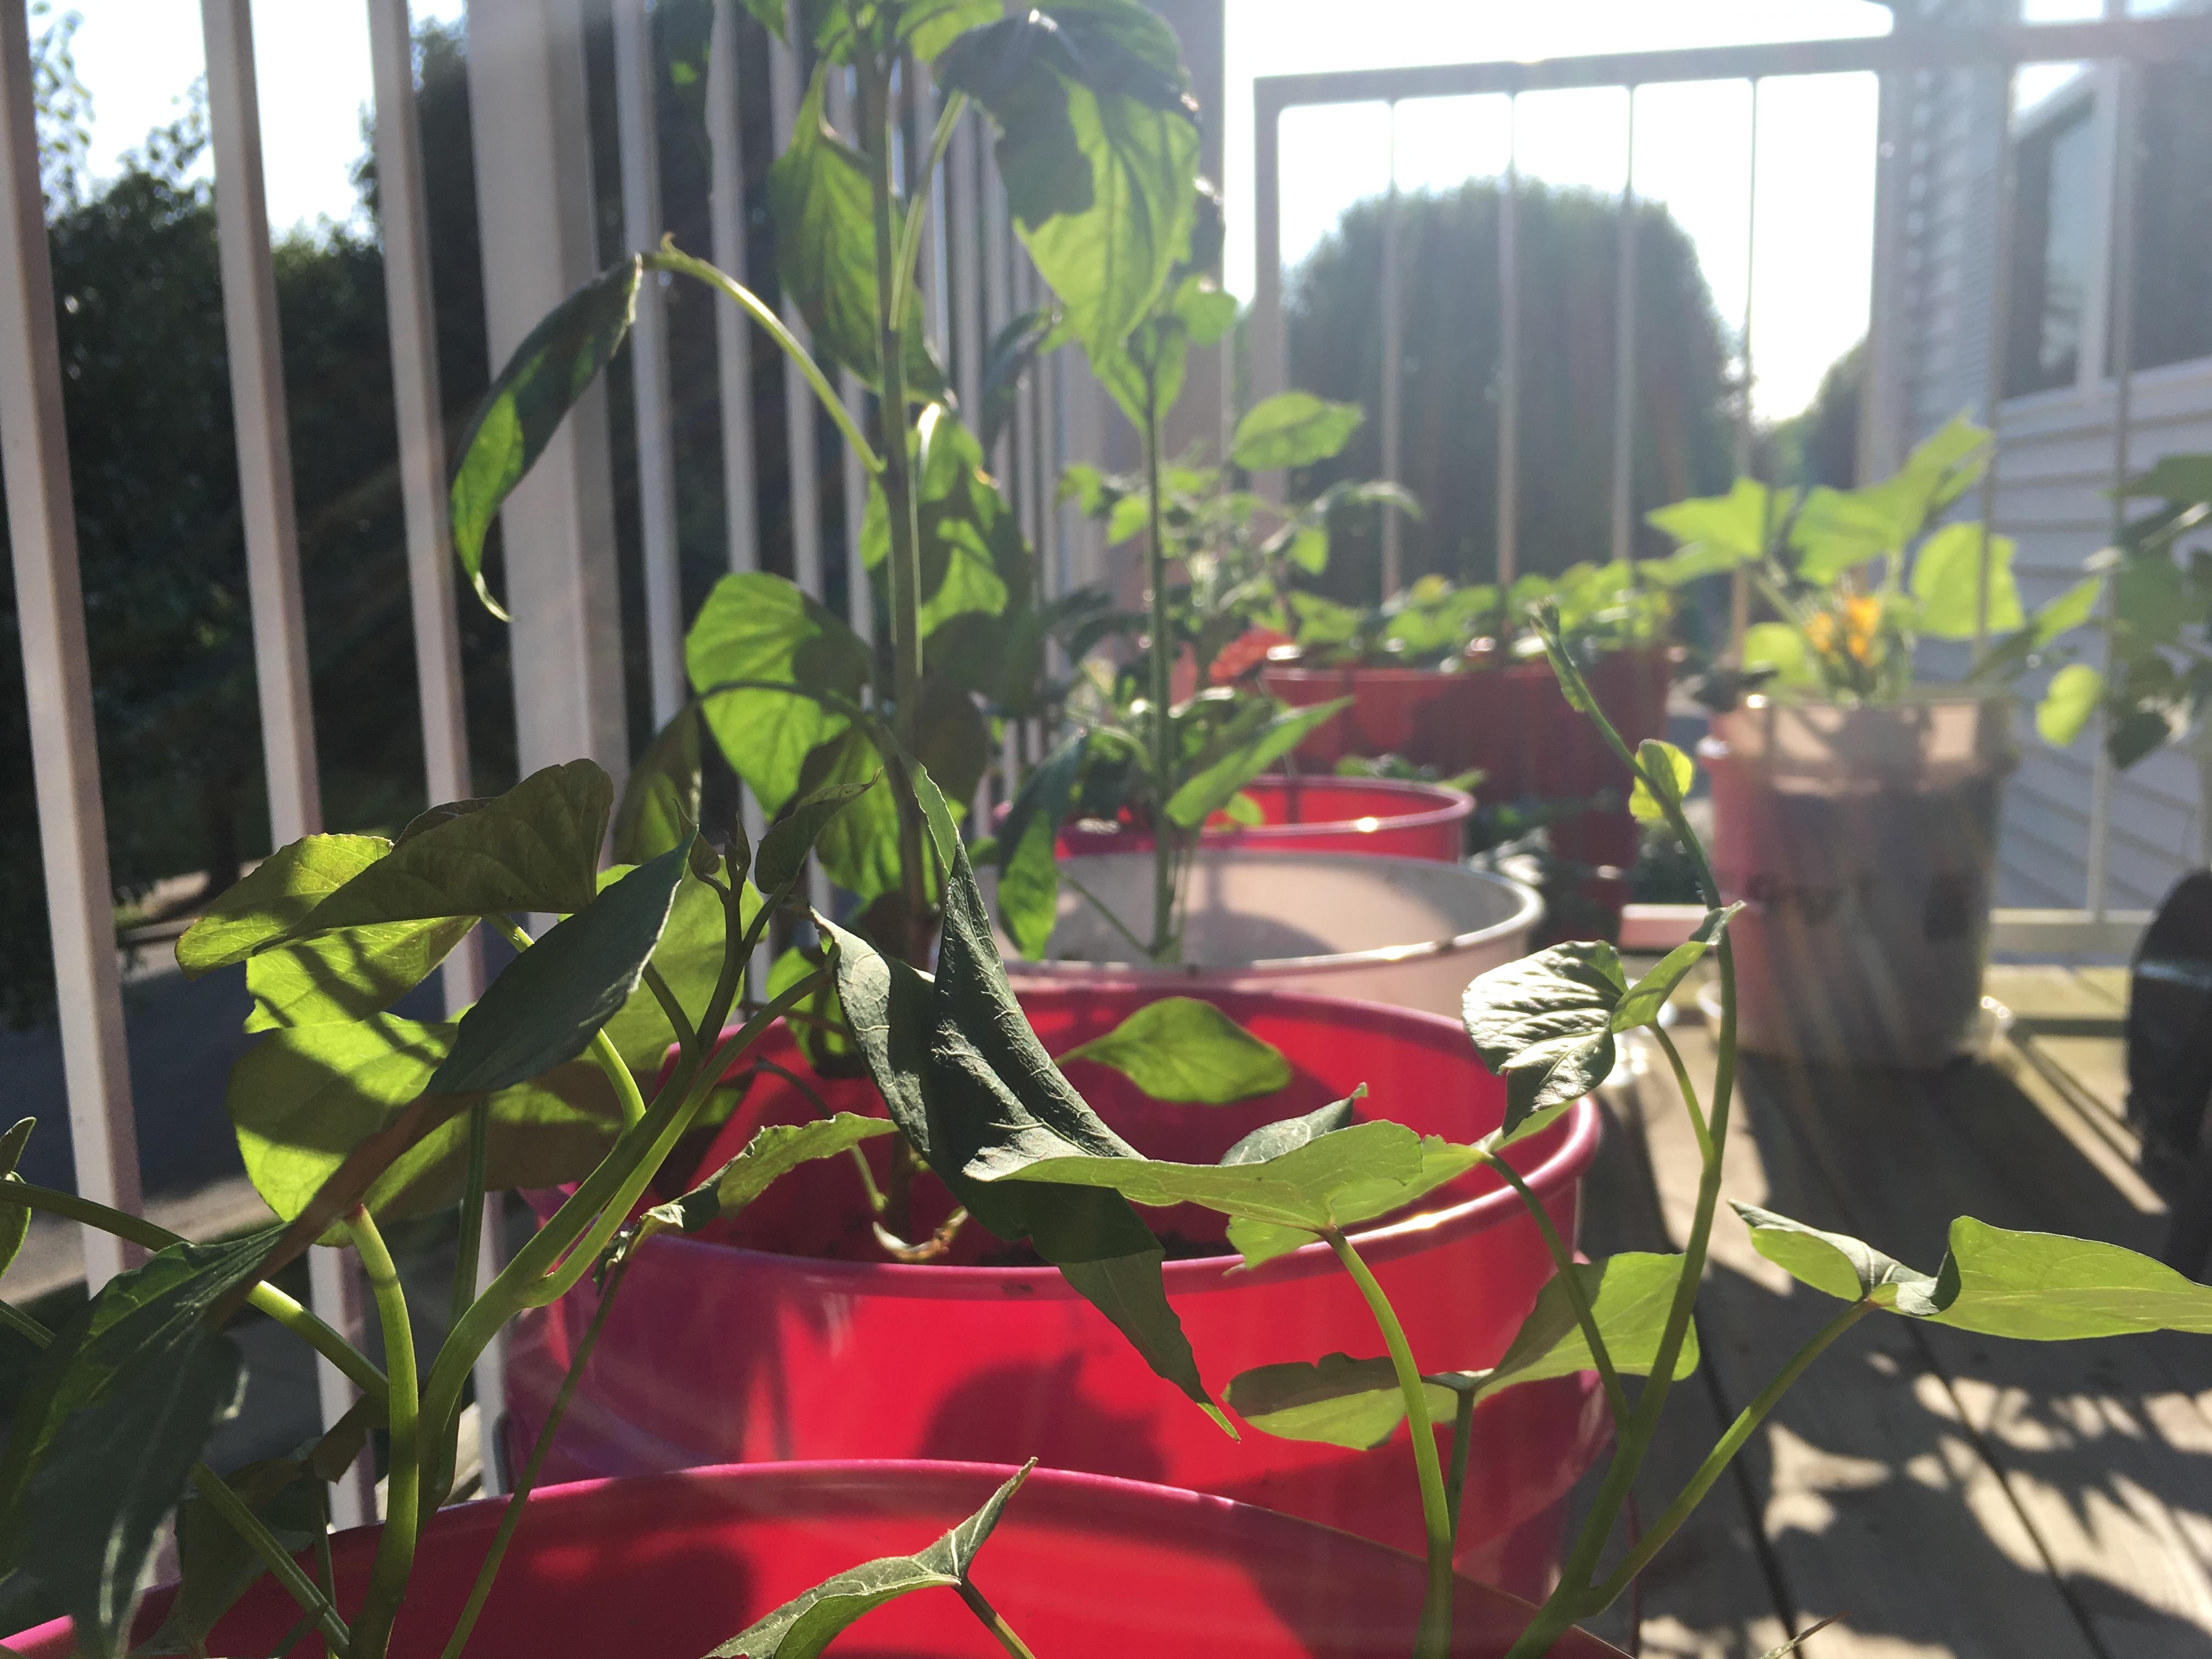 Container Garden Vines growing!